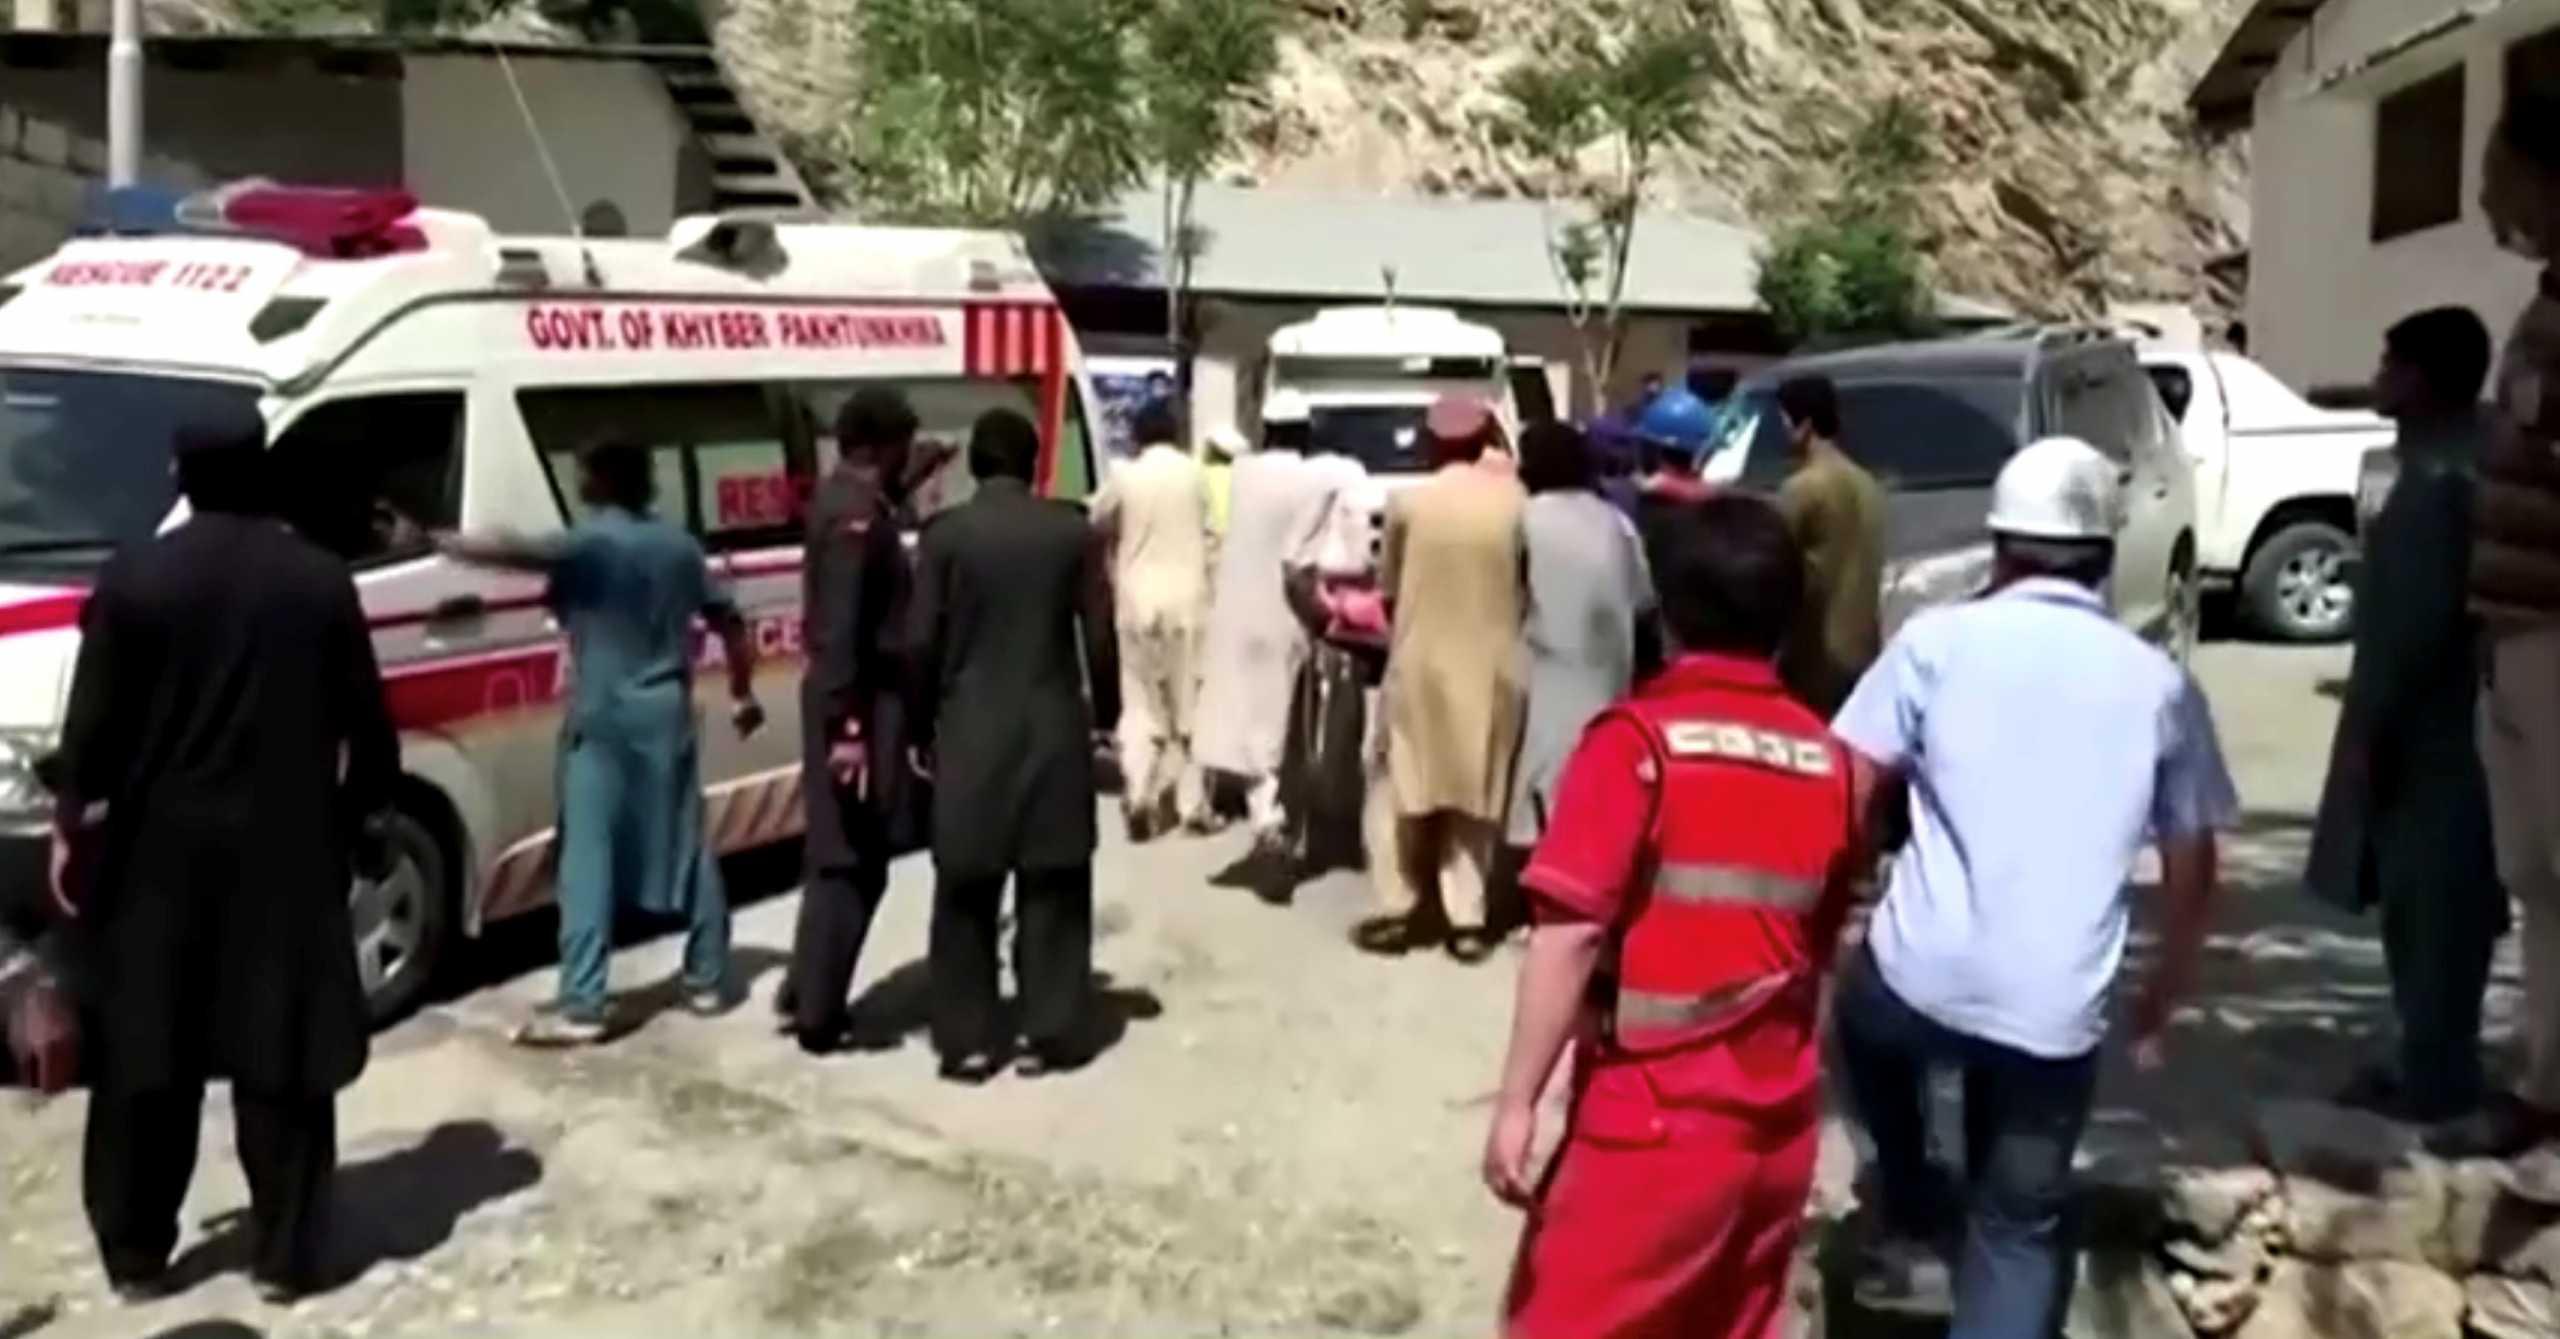 Πακιστάν: Έκρηξη σε λεωφορείο – 13 νεκροί ανάμεσά τους 9 Κινέζοι